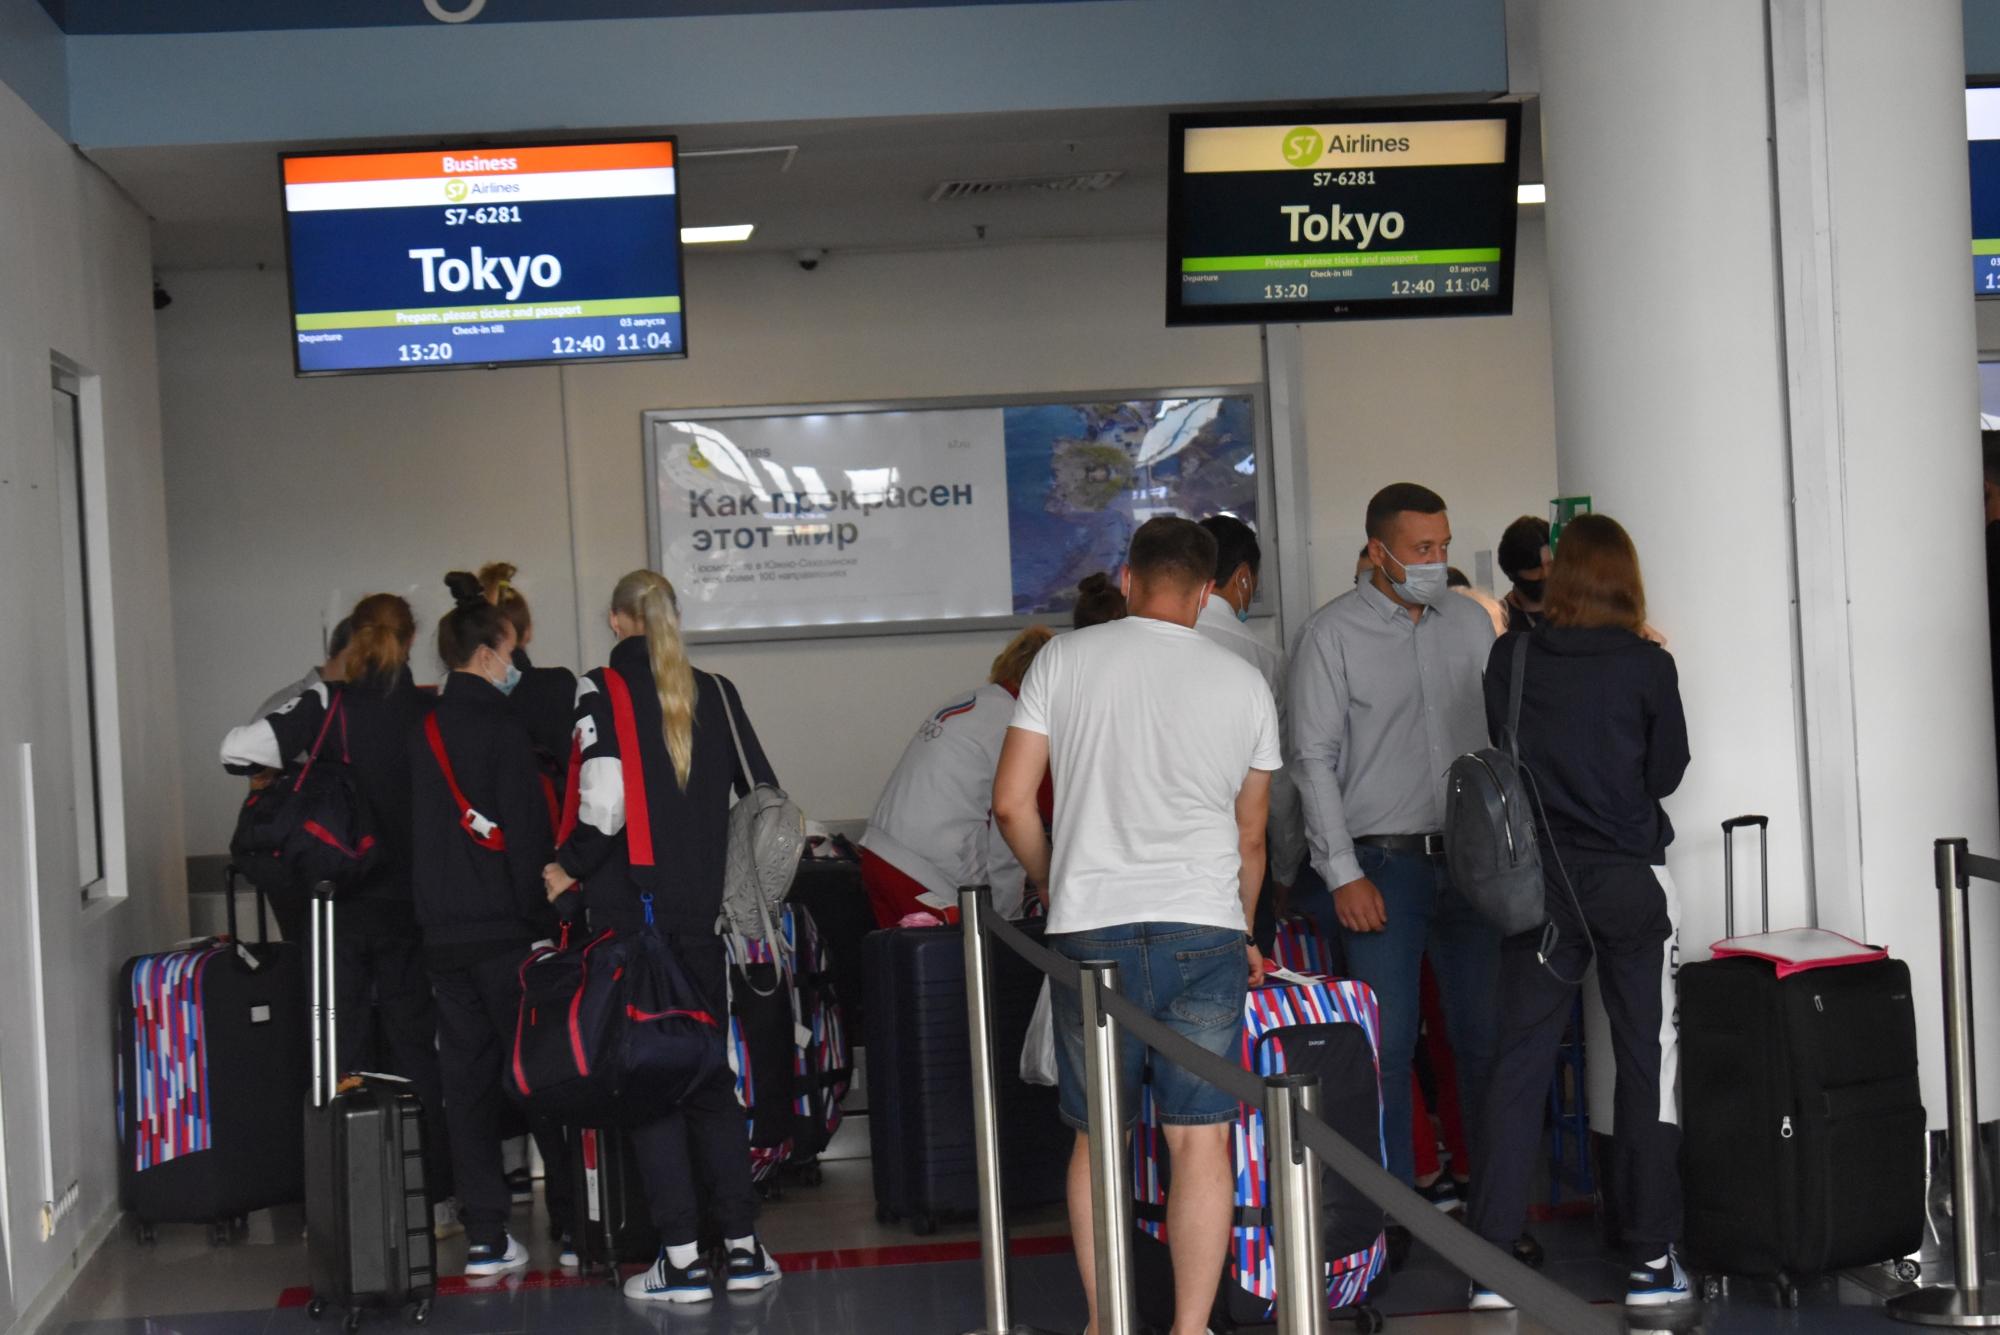 Олимпиада токио-2020 вольная борьба греко-римская борьба Olympics games Tokyo-2020 wrestling художественная гимнастика аверены